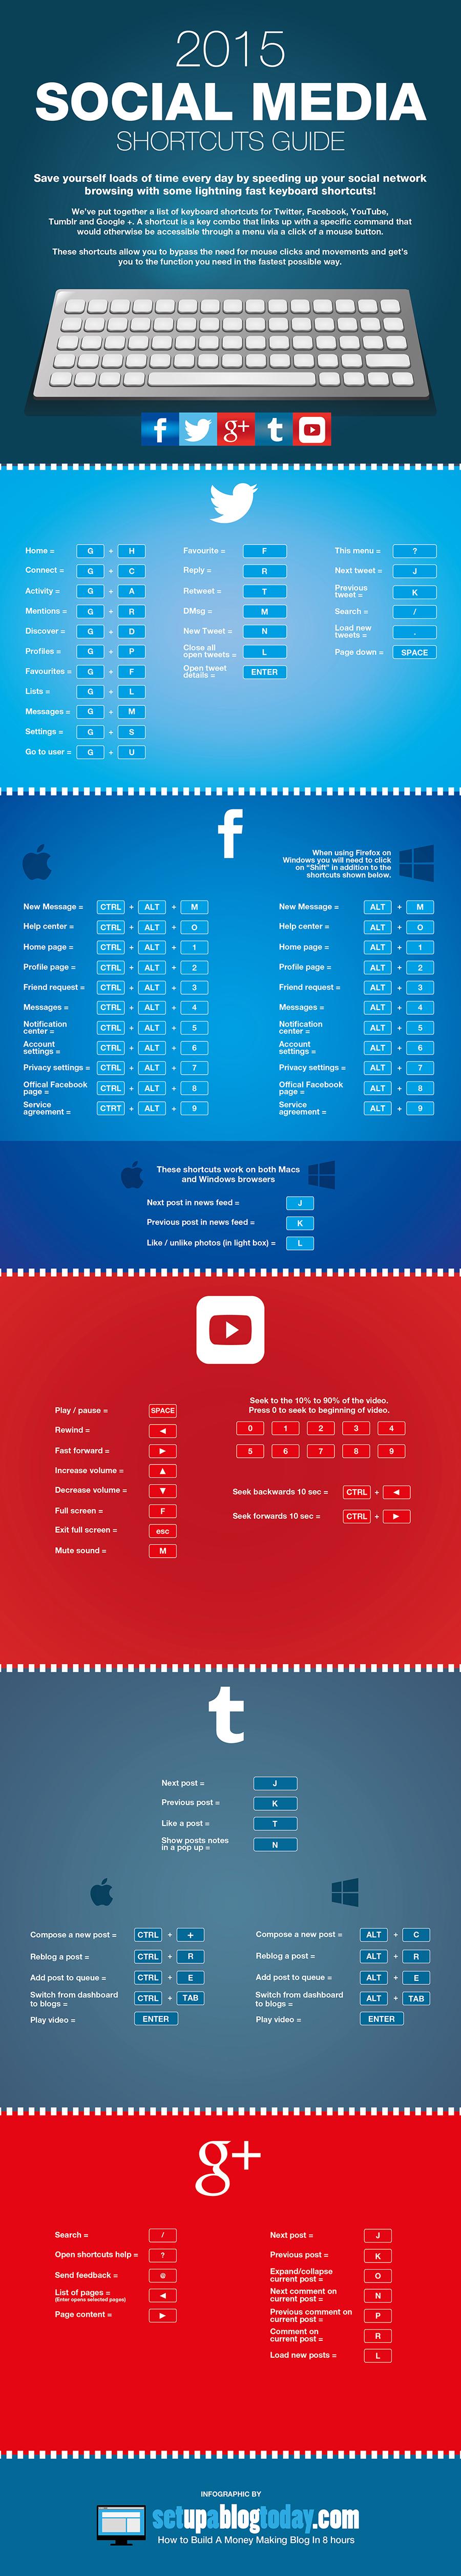 social_media_shortcuts_guide.jpg